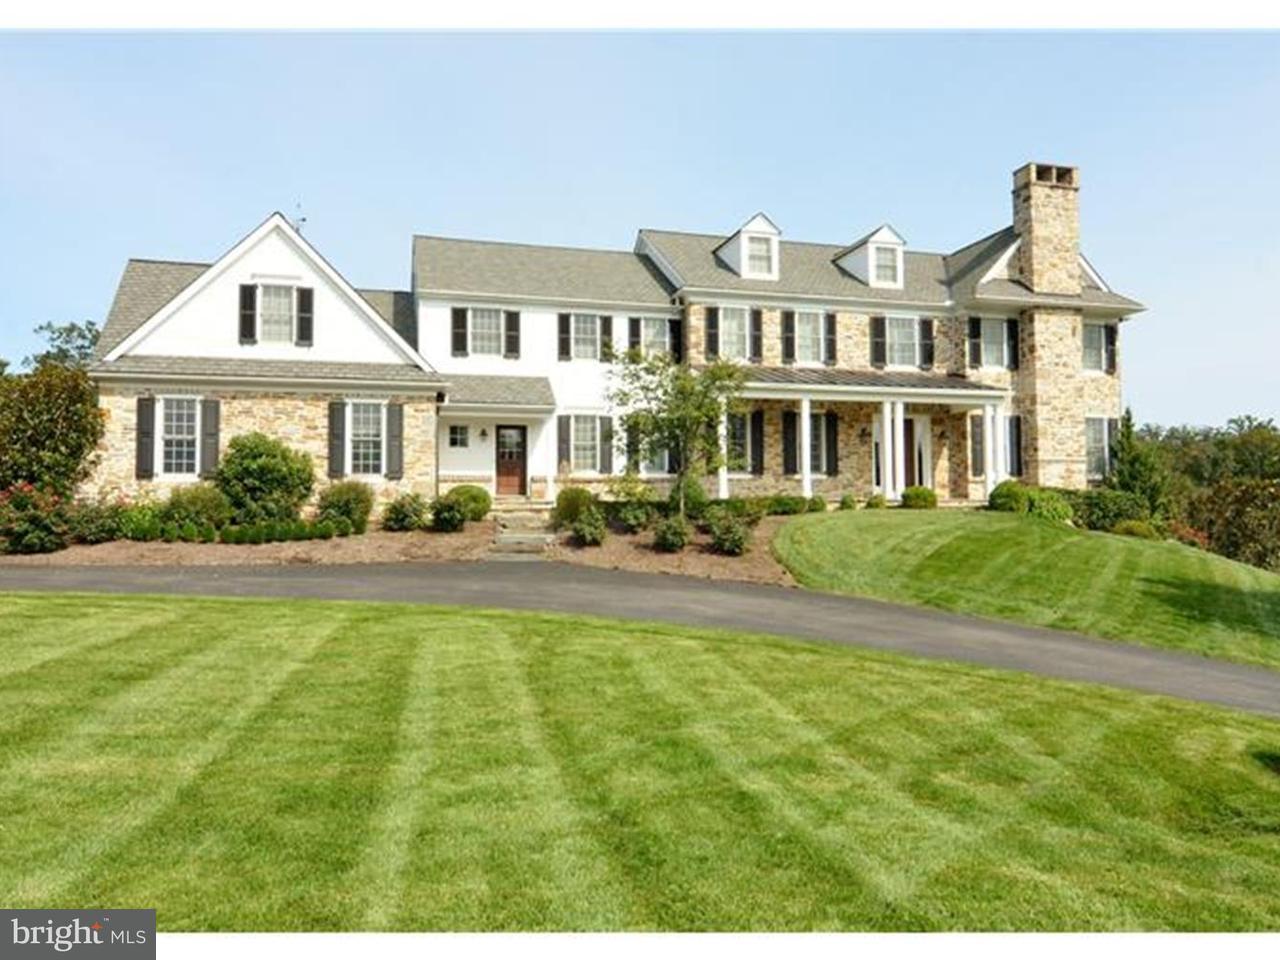 Частный односемейный дом для того Продажа на 105 PAIRED OAKS Lane Greenville, Делавэр 19807 Соединенные Штаты